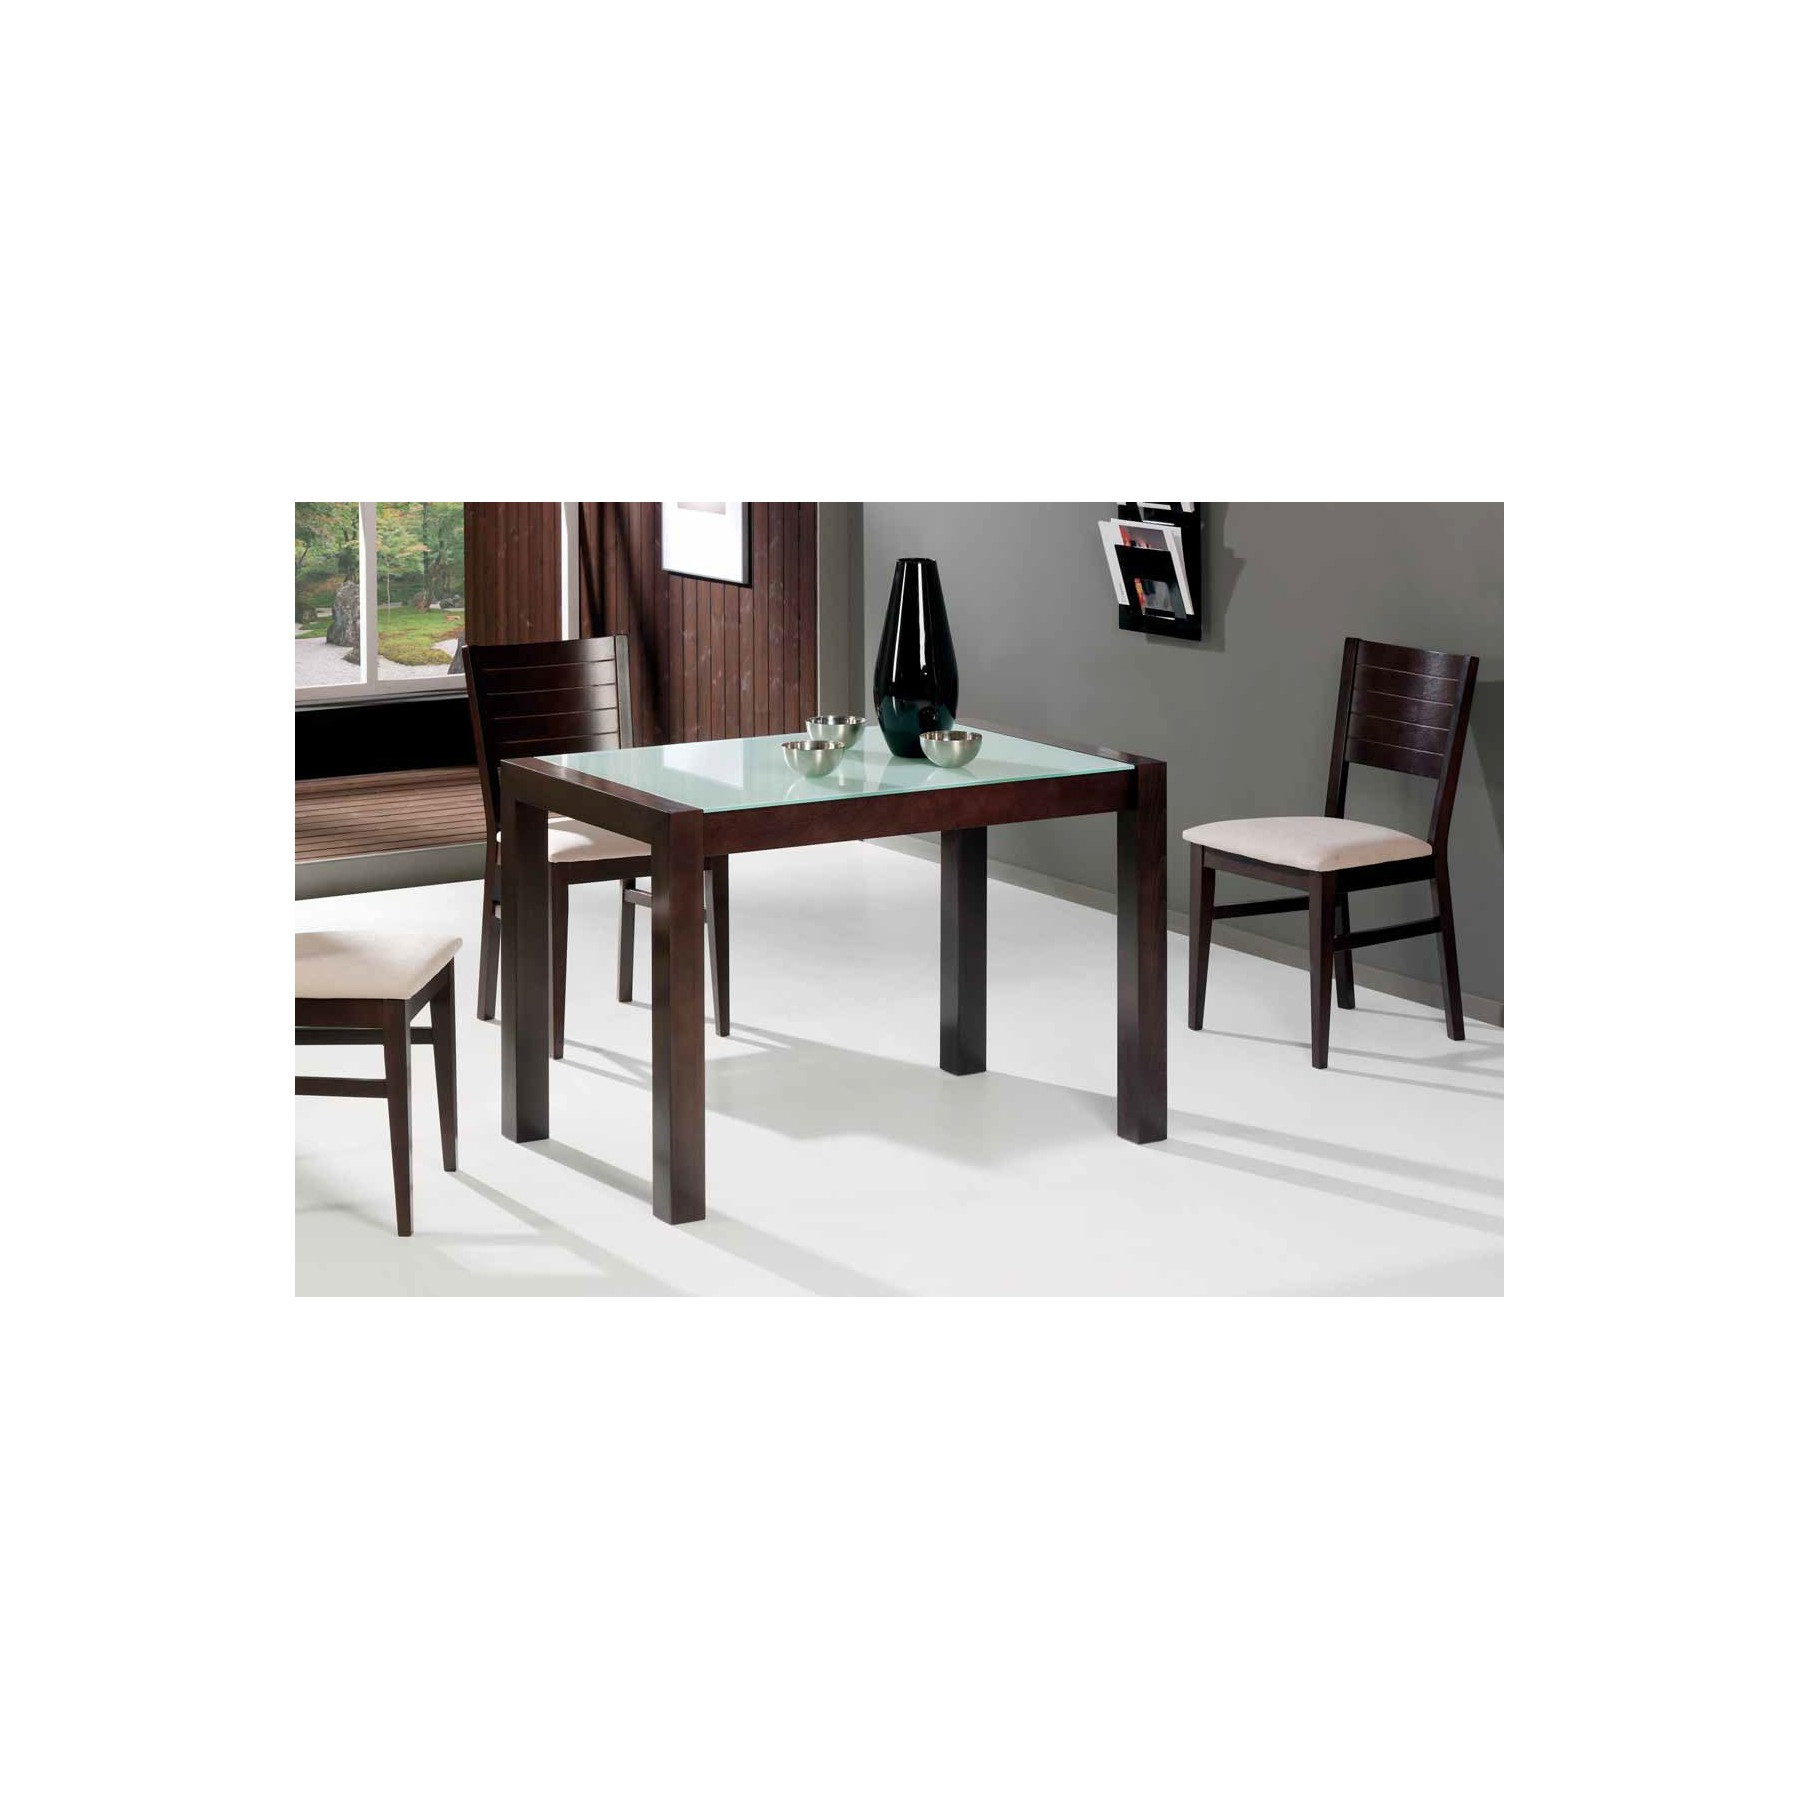 Mesa de cocina de madera extensible y cristal templado - Mesas de cocina de madera extensibles ...